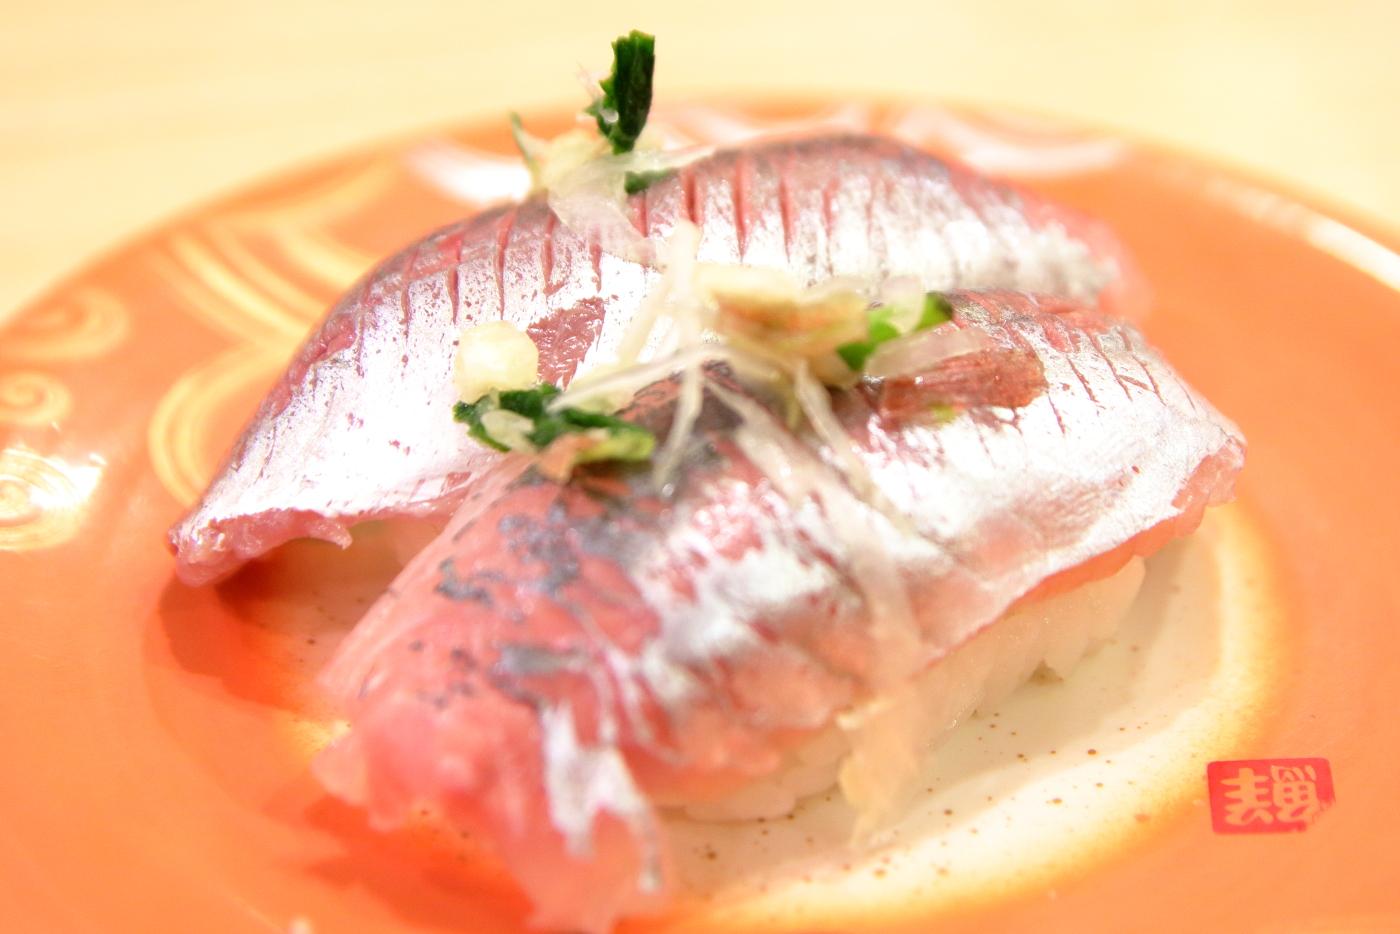 回転寿司トリトン 東京スカイツリータウン・ソラマチ店の寿司